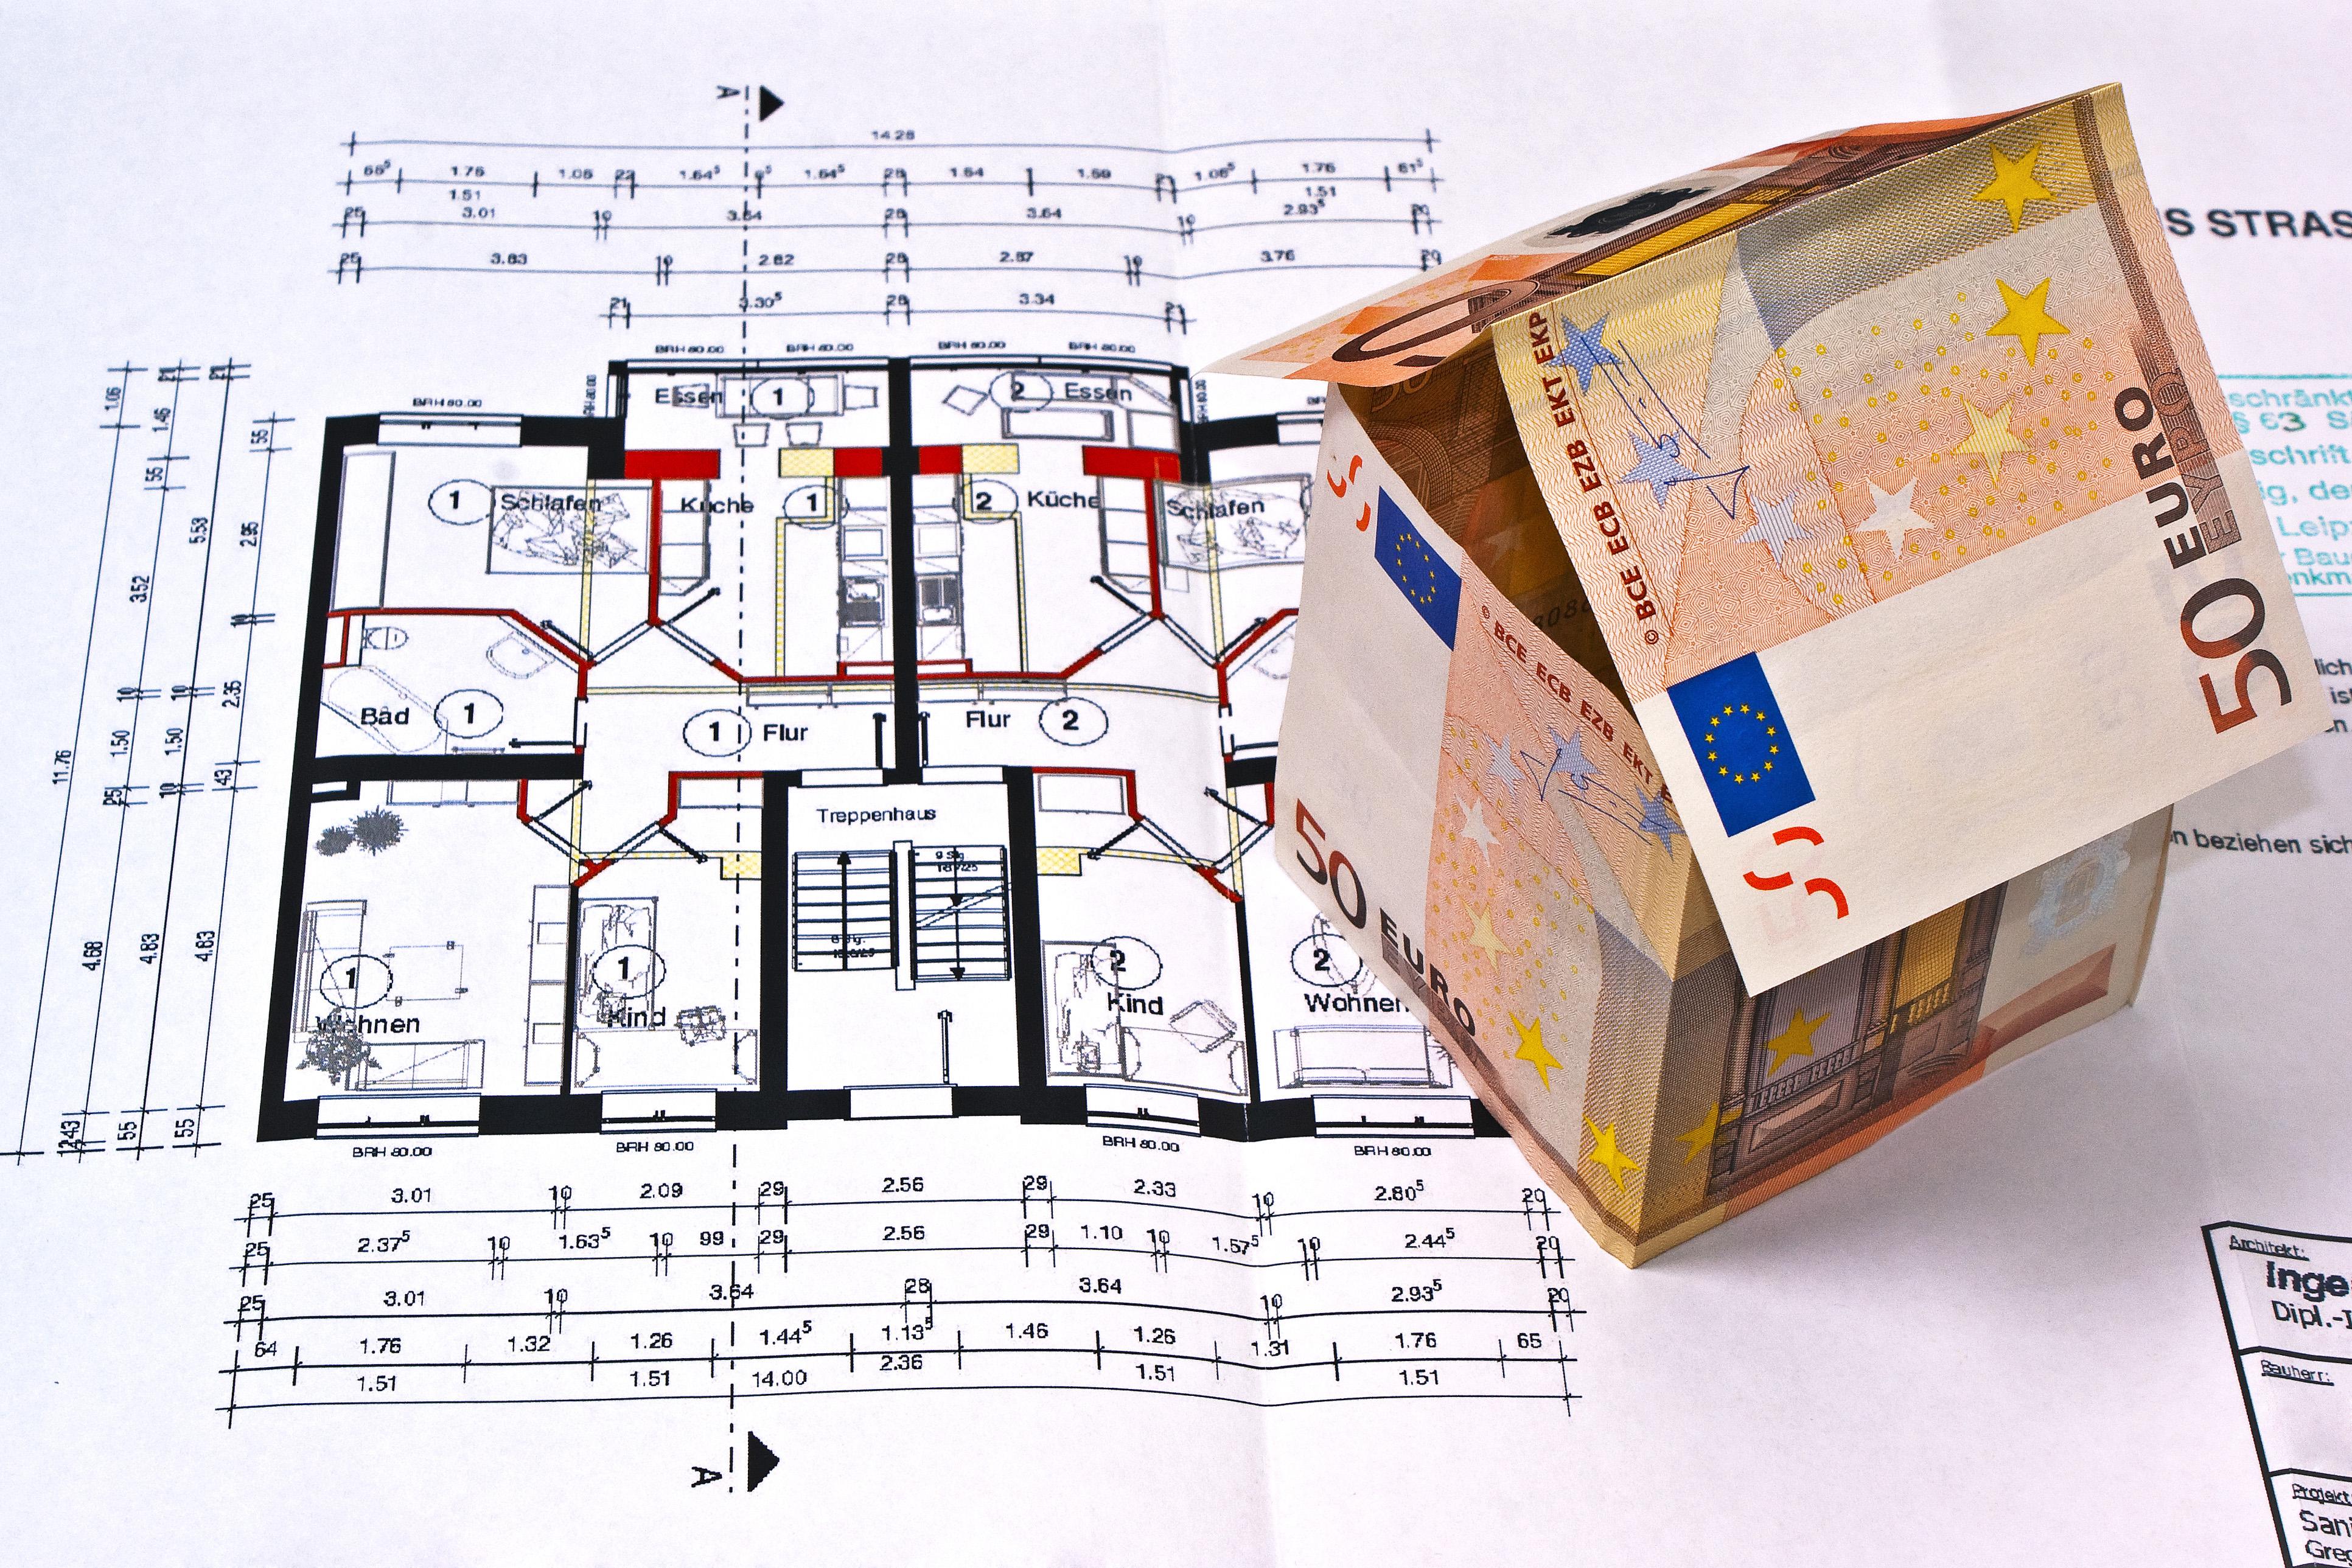 Checkliste Hausbau: Entspannt ins neue Eigenheim – GIGA